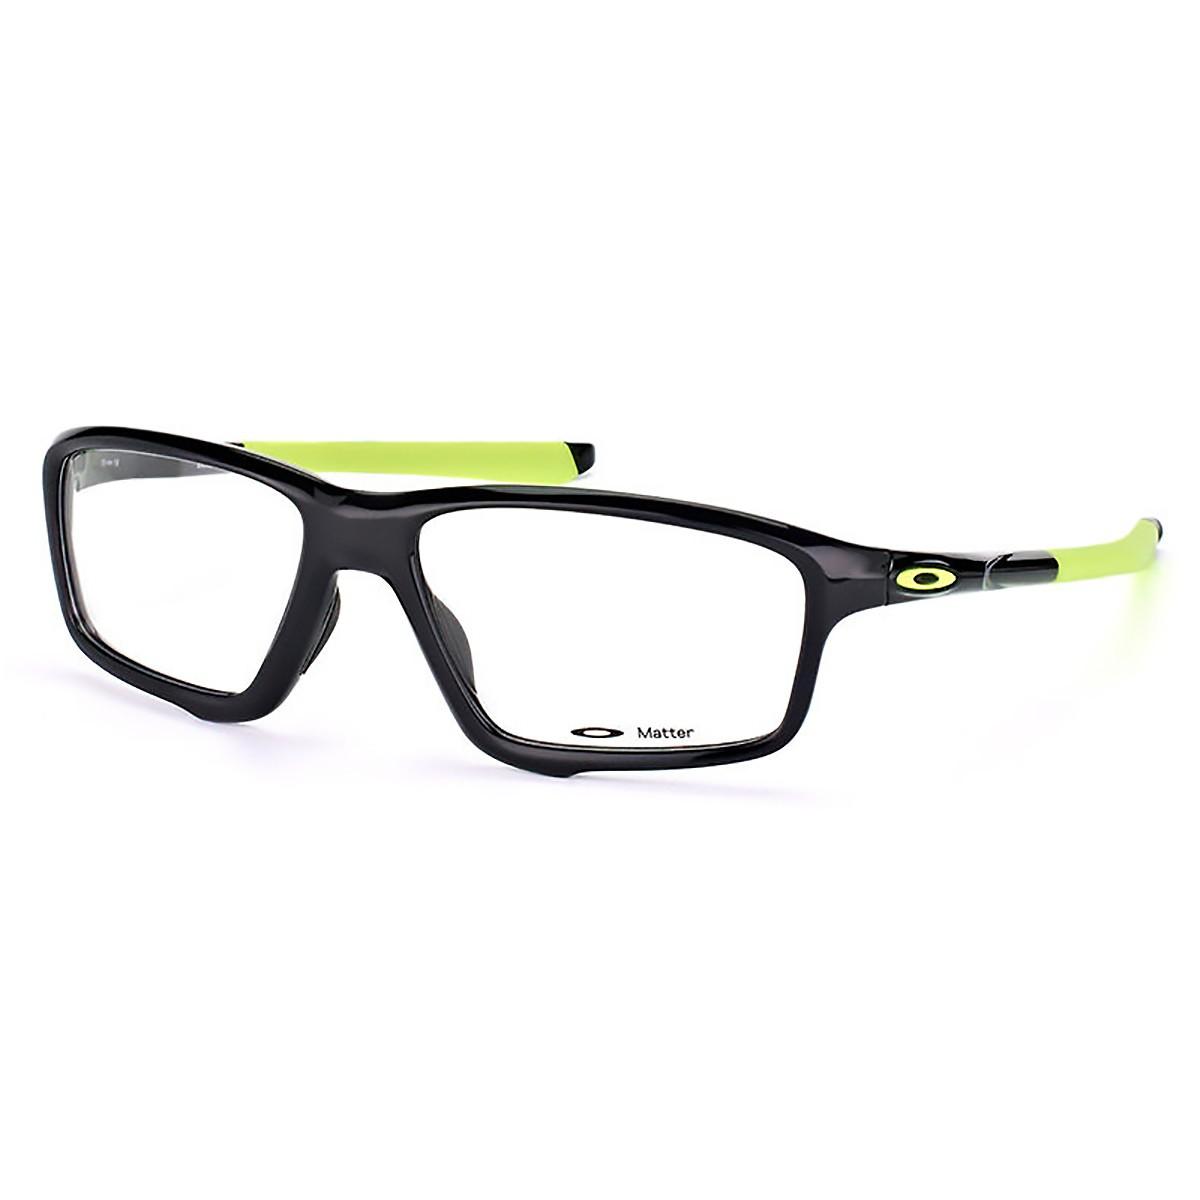 Compre Óculos de Grau Oakley Crosslink Zero em 10X   Tri-Jóia Shop dab5323eb9